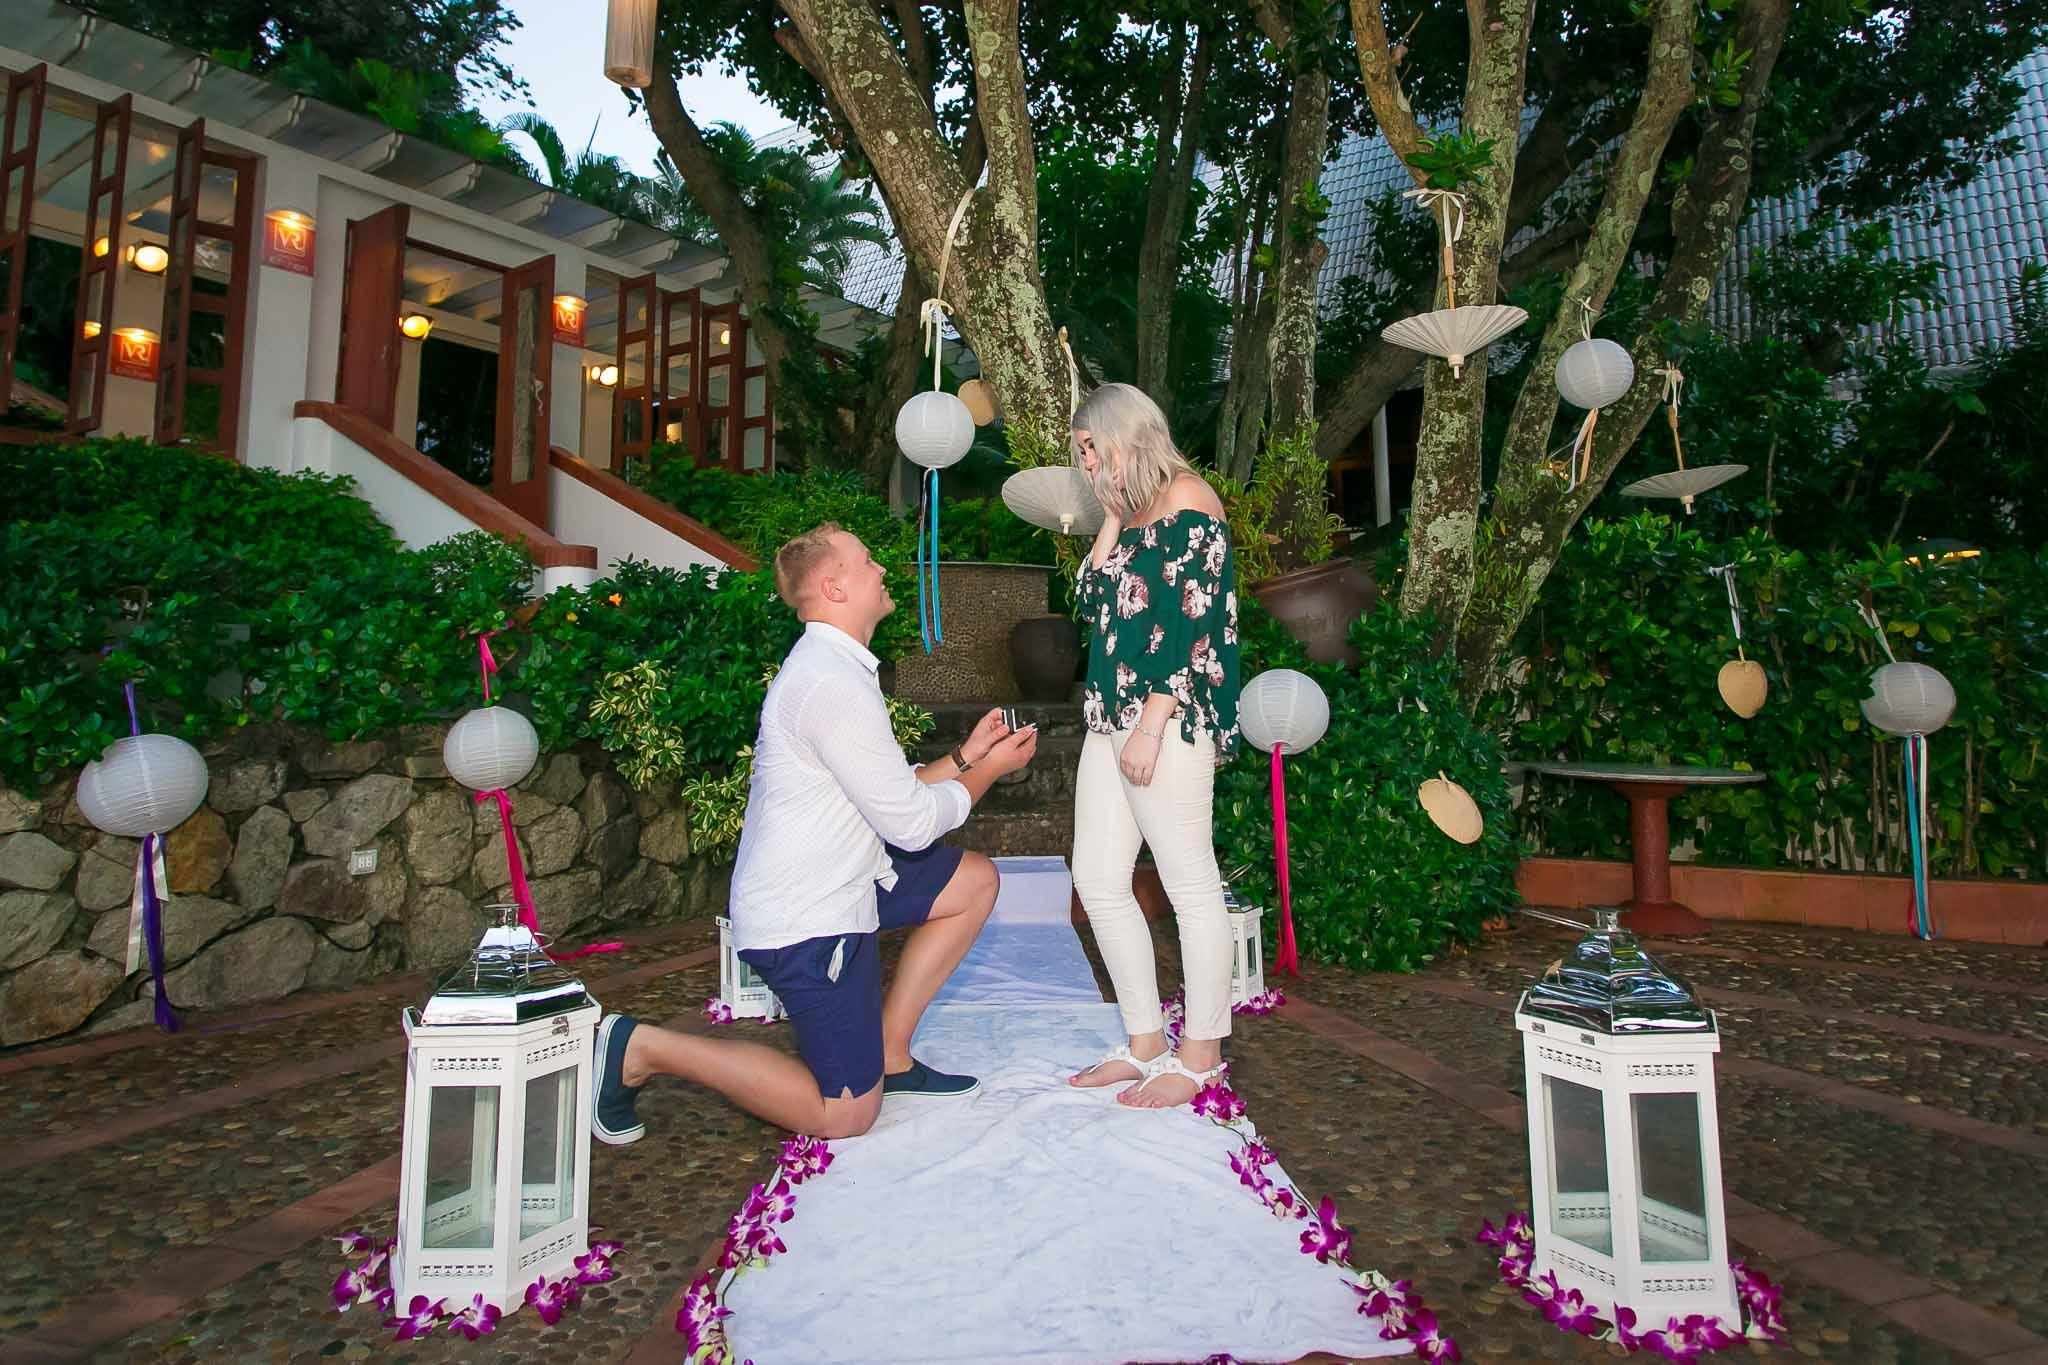 Zane Murphy (Wedding Proposal)